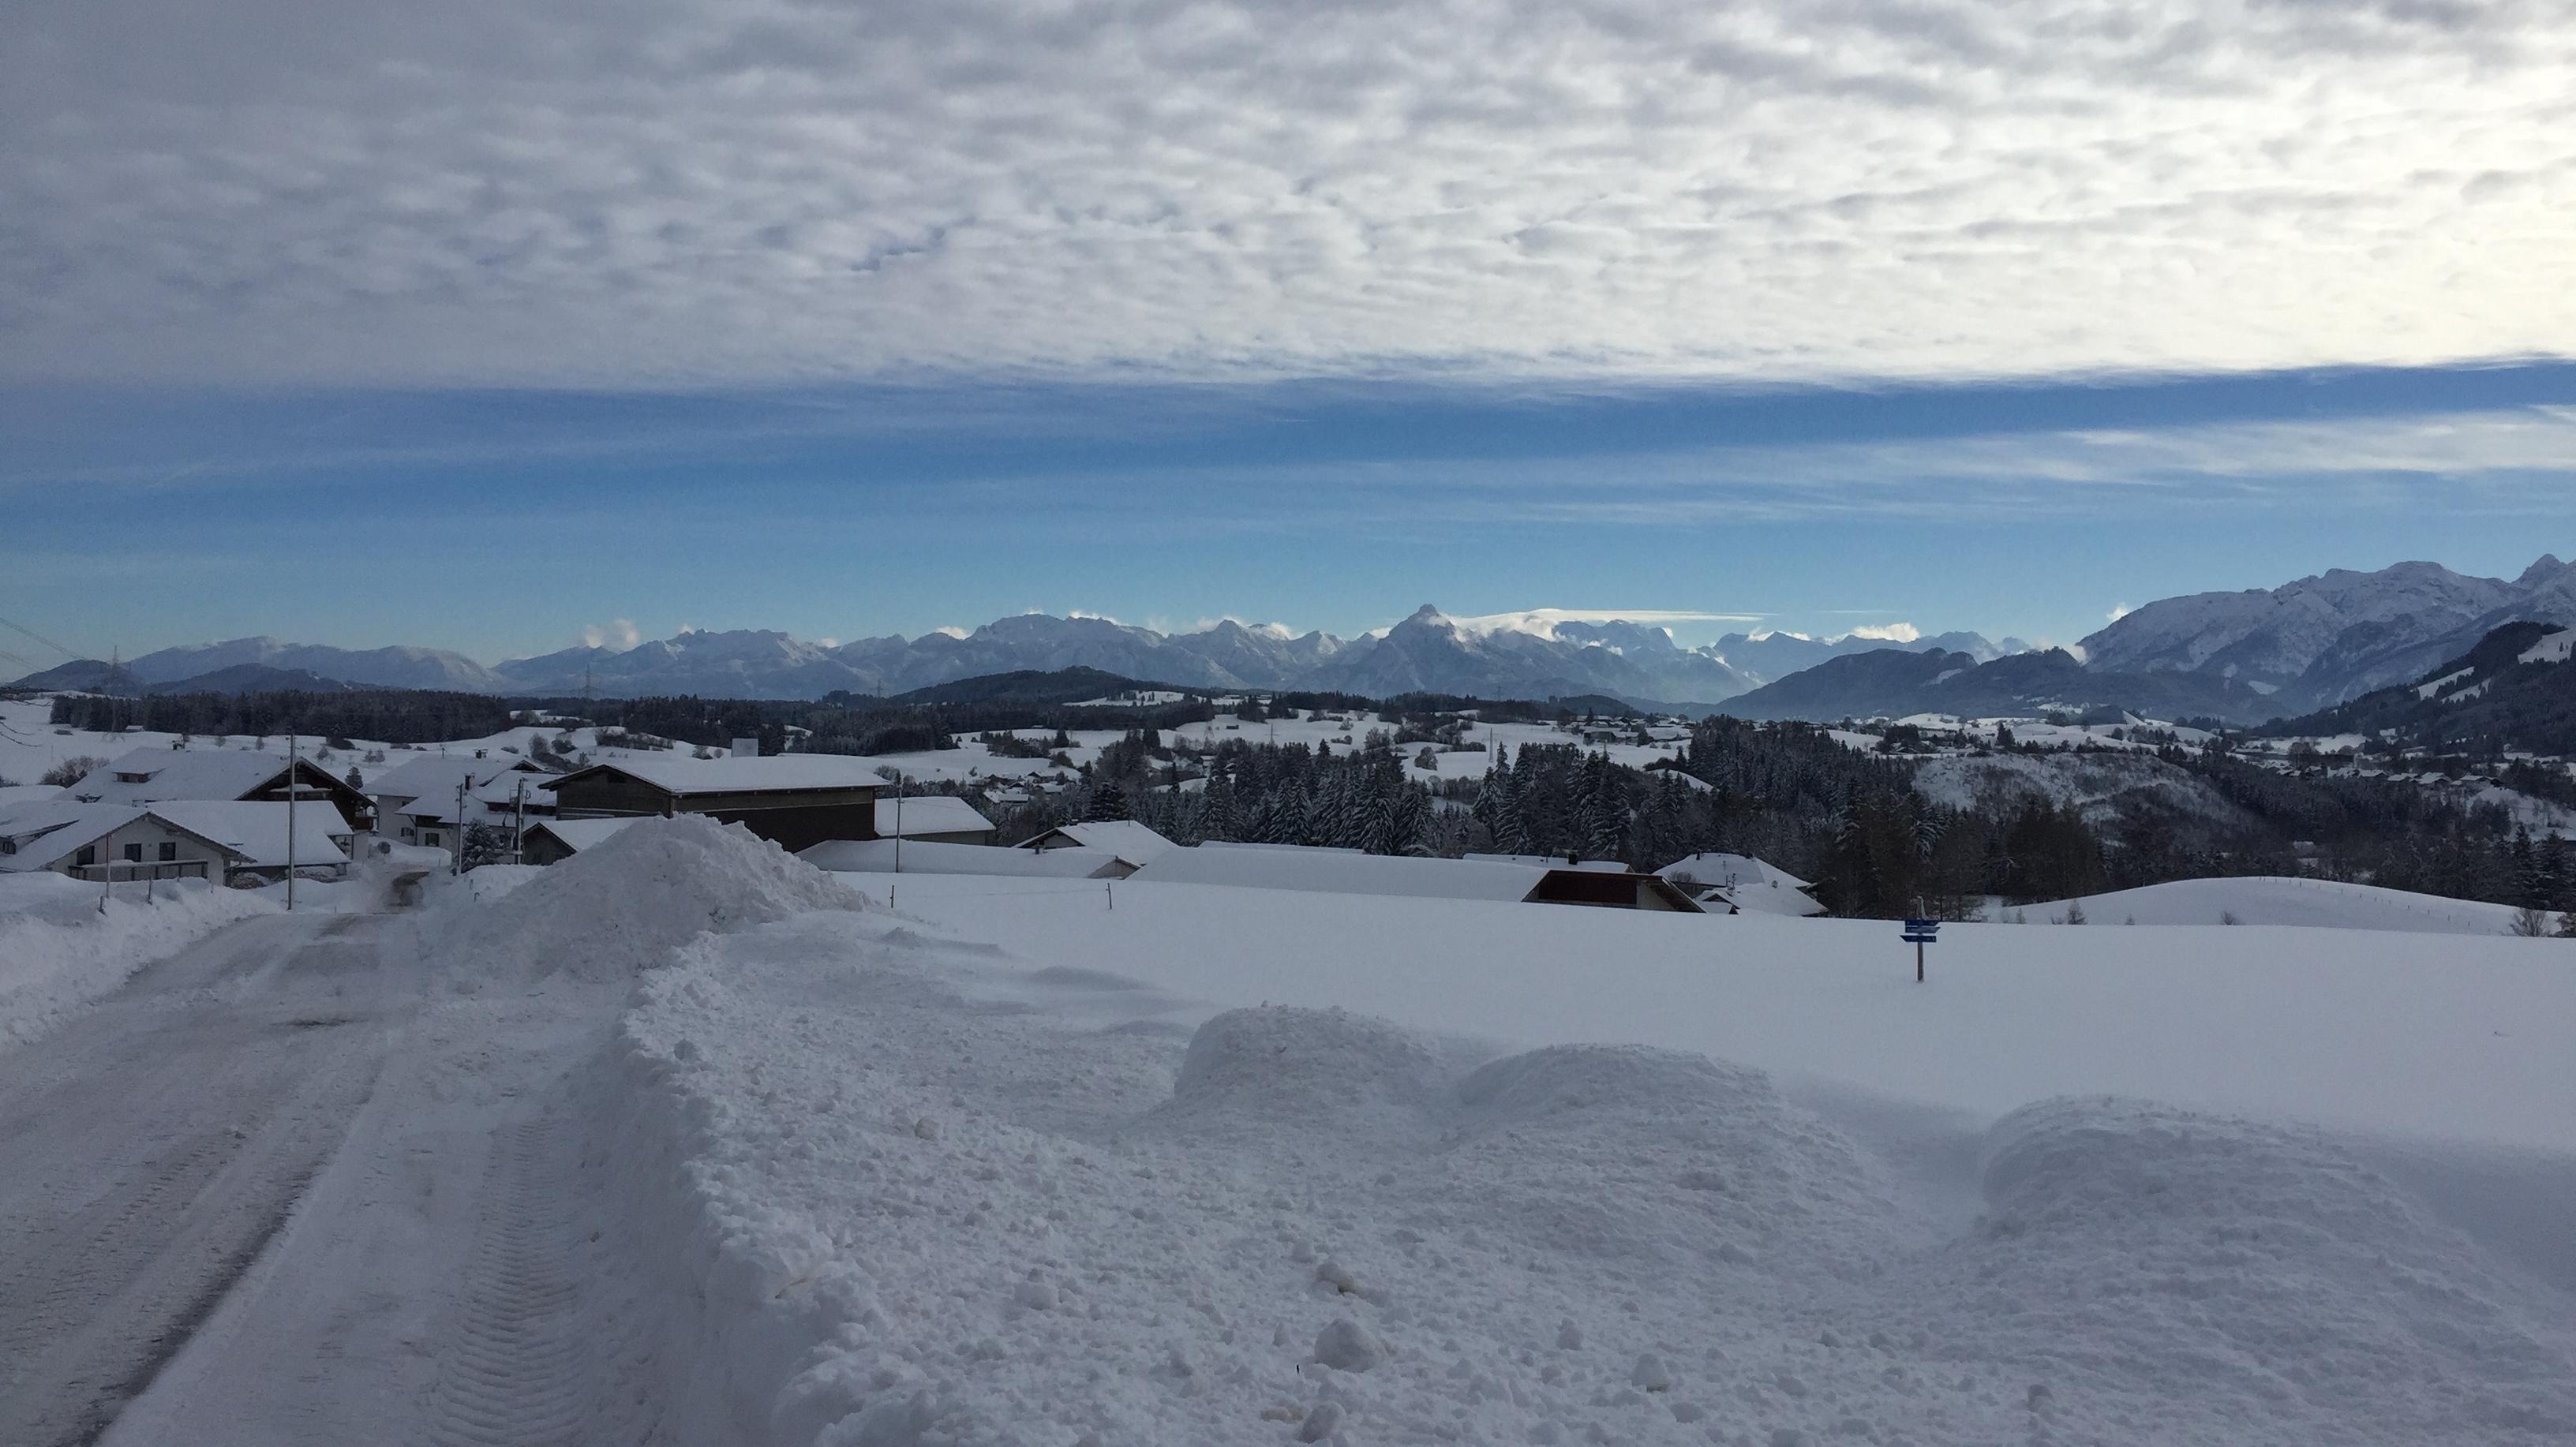 Blick von Schnakenhöhe über Maria Rain hinweg Richtung Osten, östliche Allgäuer Alpen, angrenzende Ammergauer Alpen bis Zugspitze. Wolkengrenze, nahender Schnee deutlich erkennbar